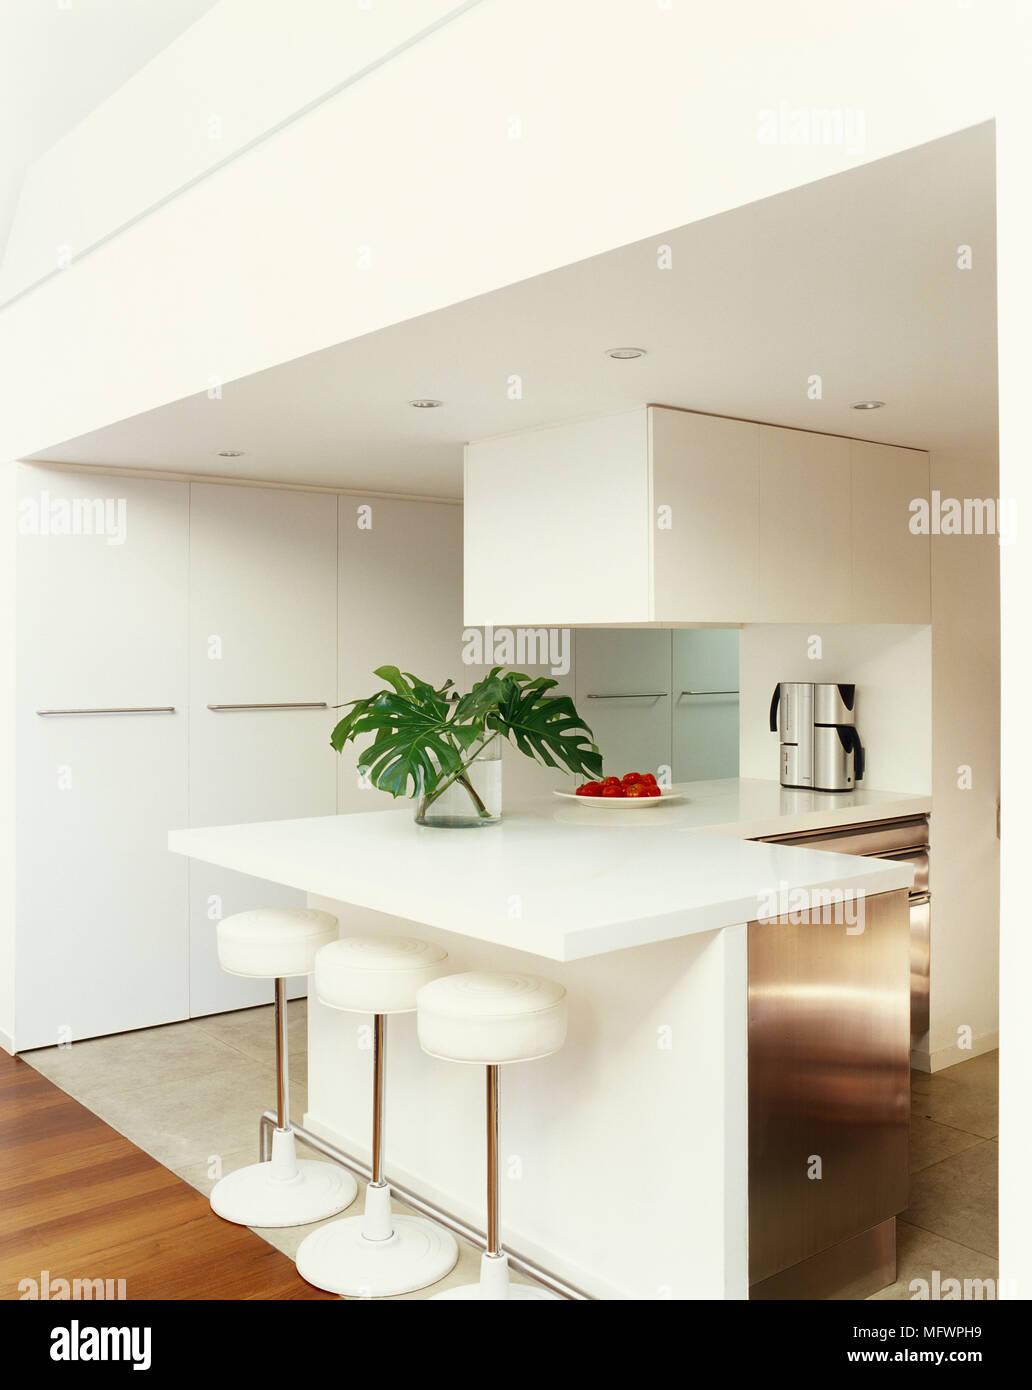 Fantastisch Euro Küche Design Bronx Bilder - Ideen Für Die Küche ...